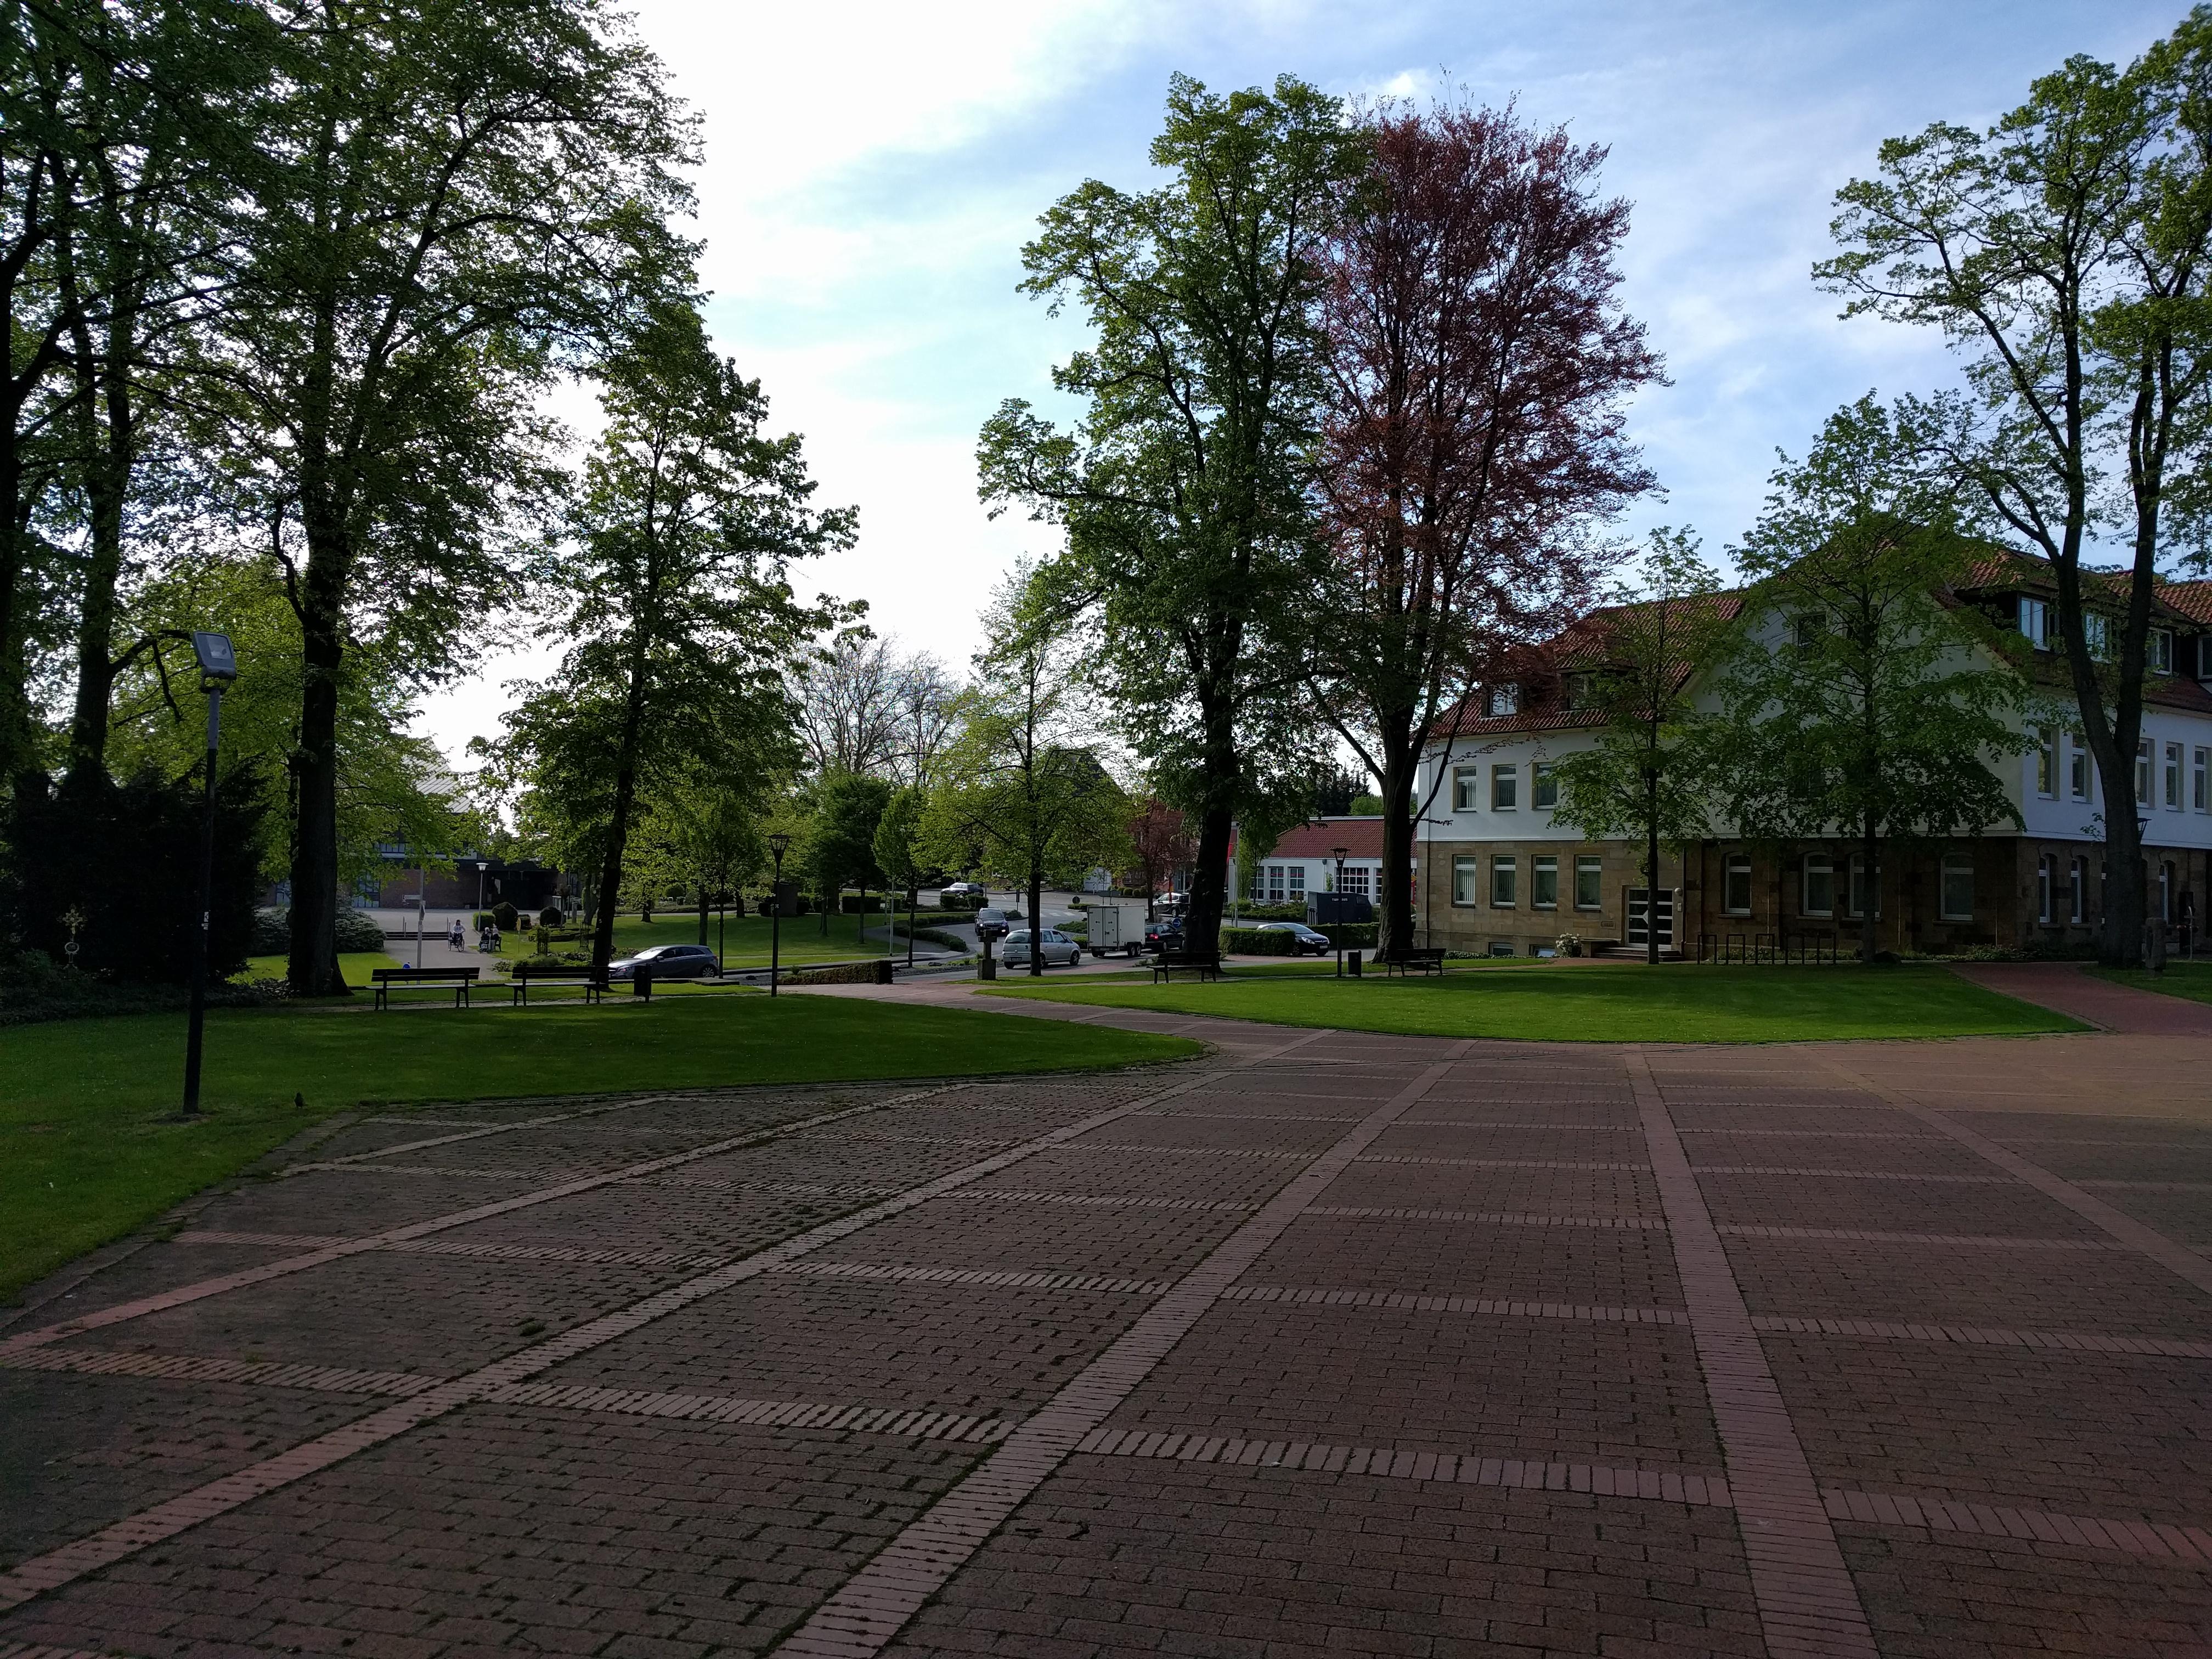 agen am Teutoburger Wald, Kirchplatz